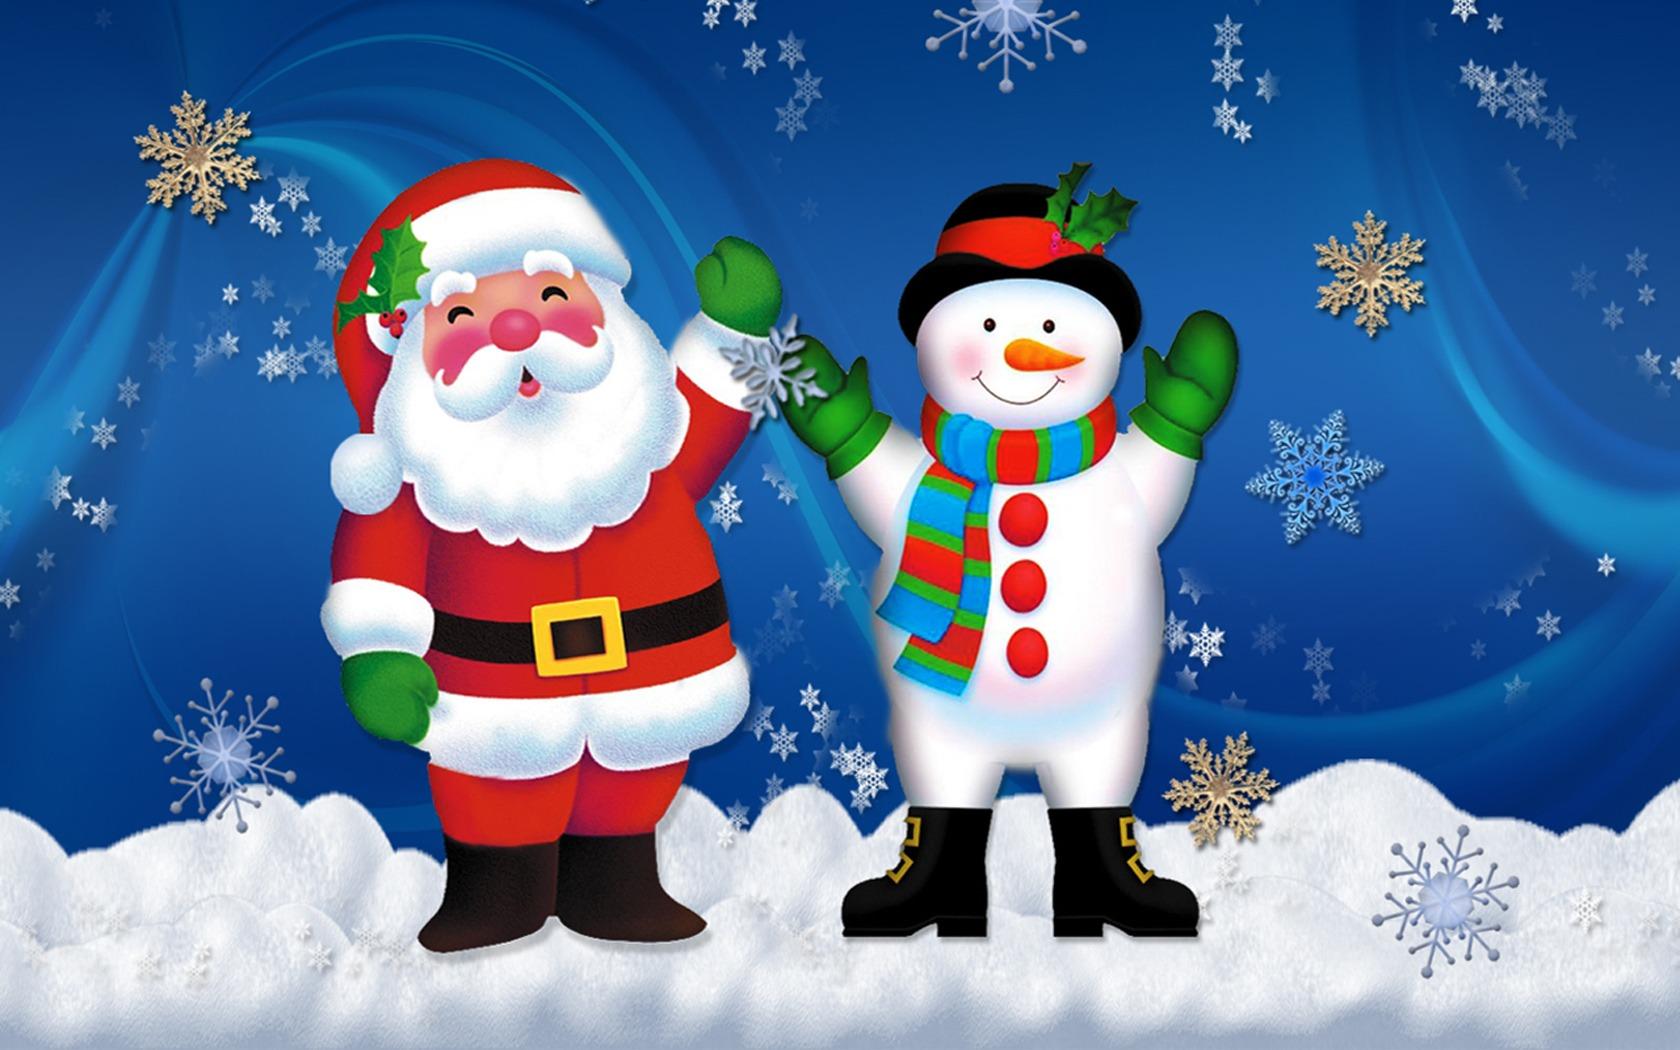 Снеговик и Санта Клаус - C Новым годом  2018 поздравительные картинки